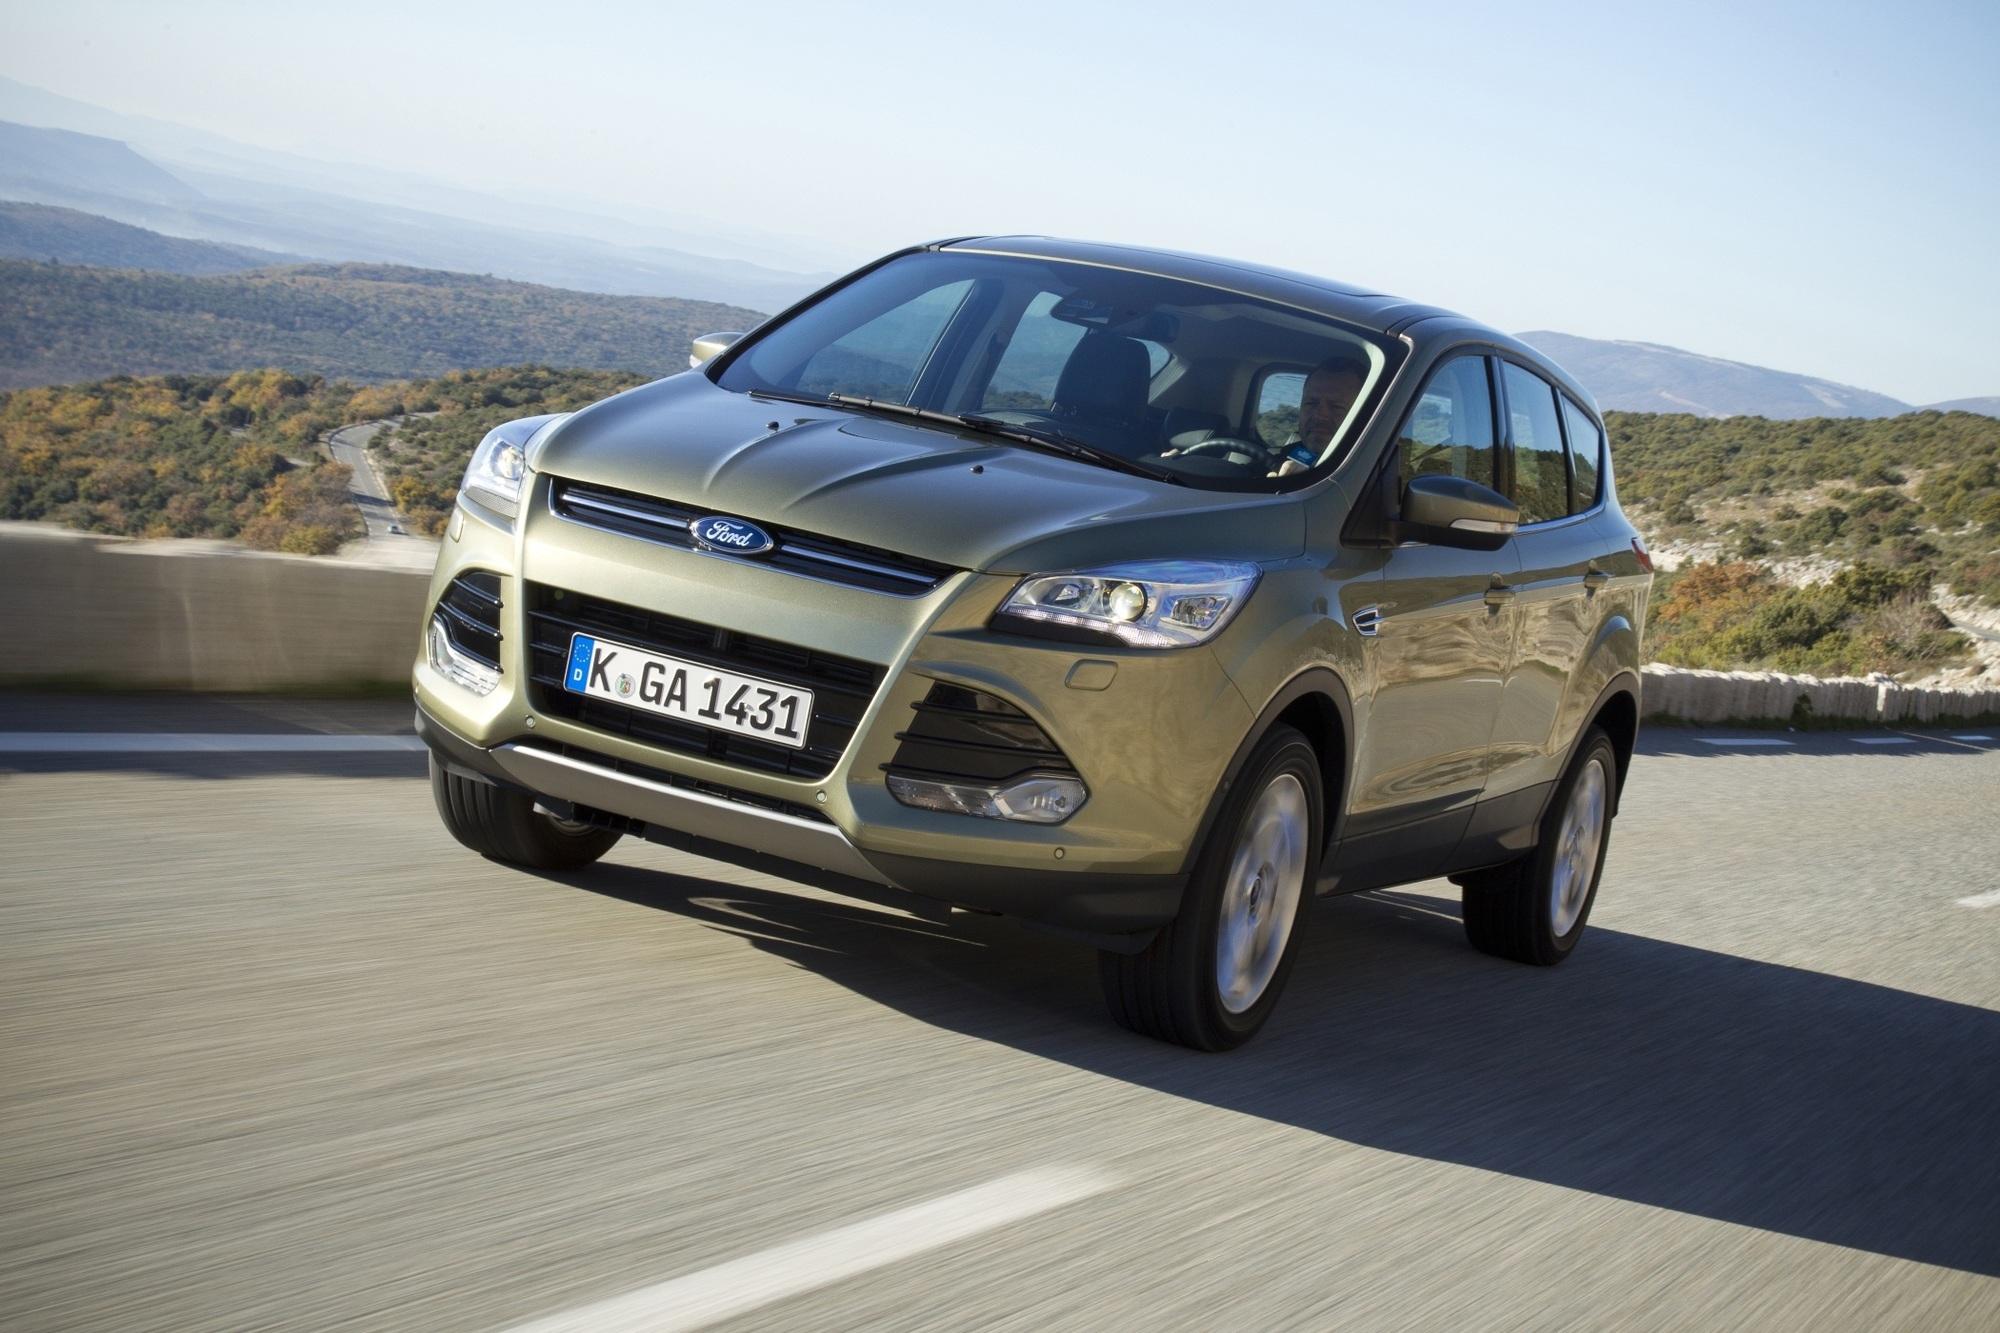 Ford Kuga mit neuen Motoren - Mehr Leistung, weniger Verbrauch